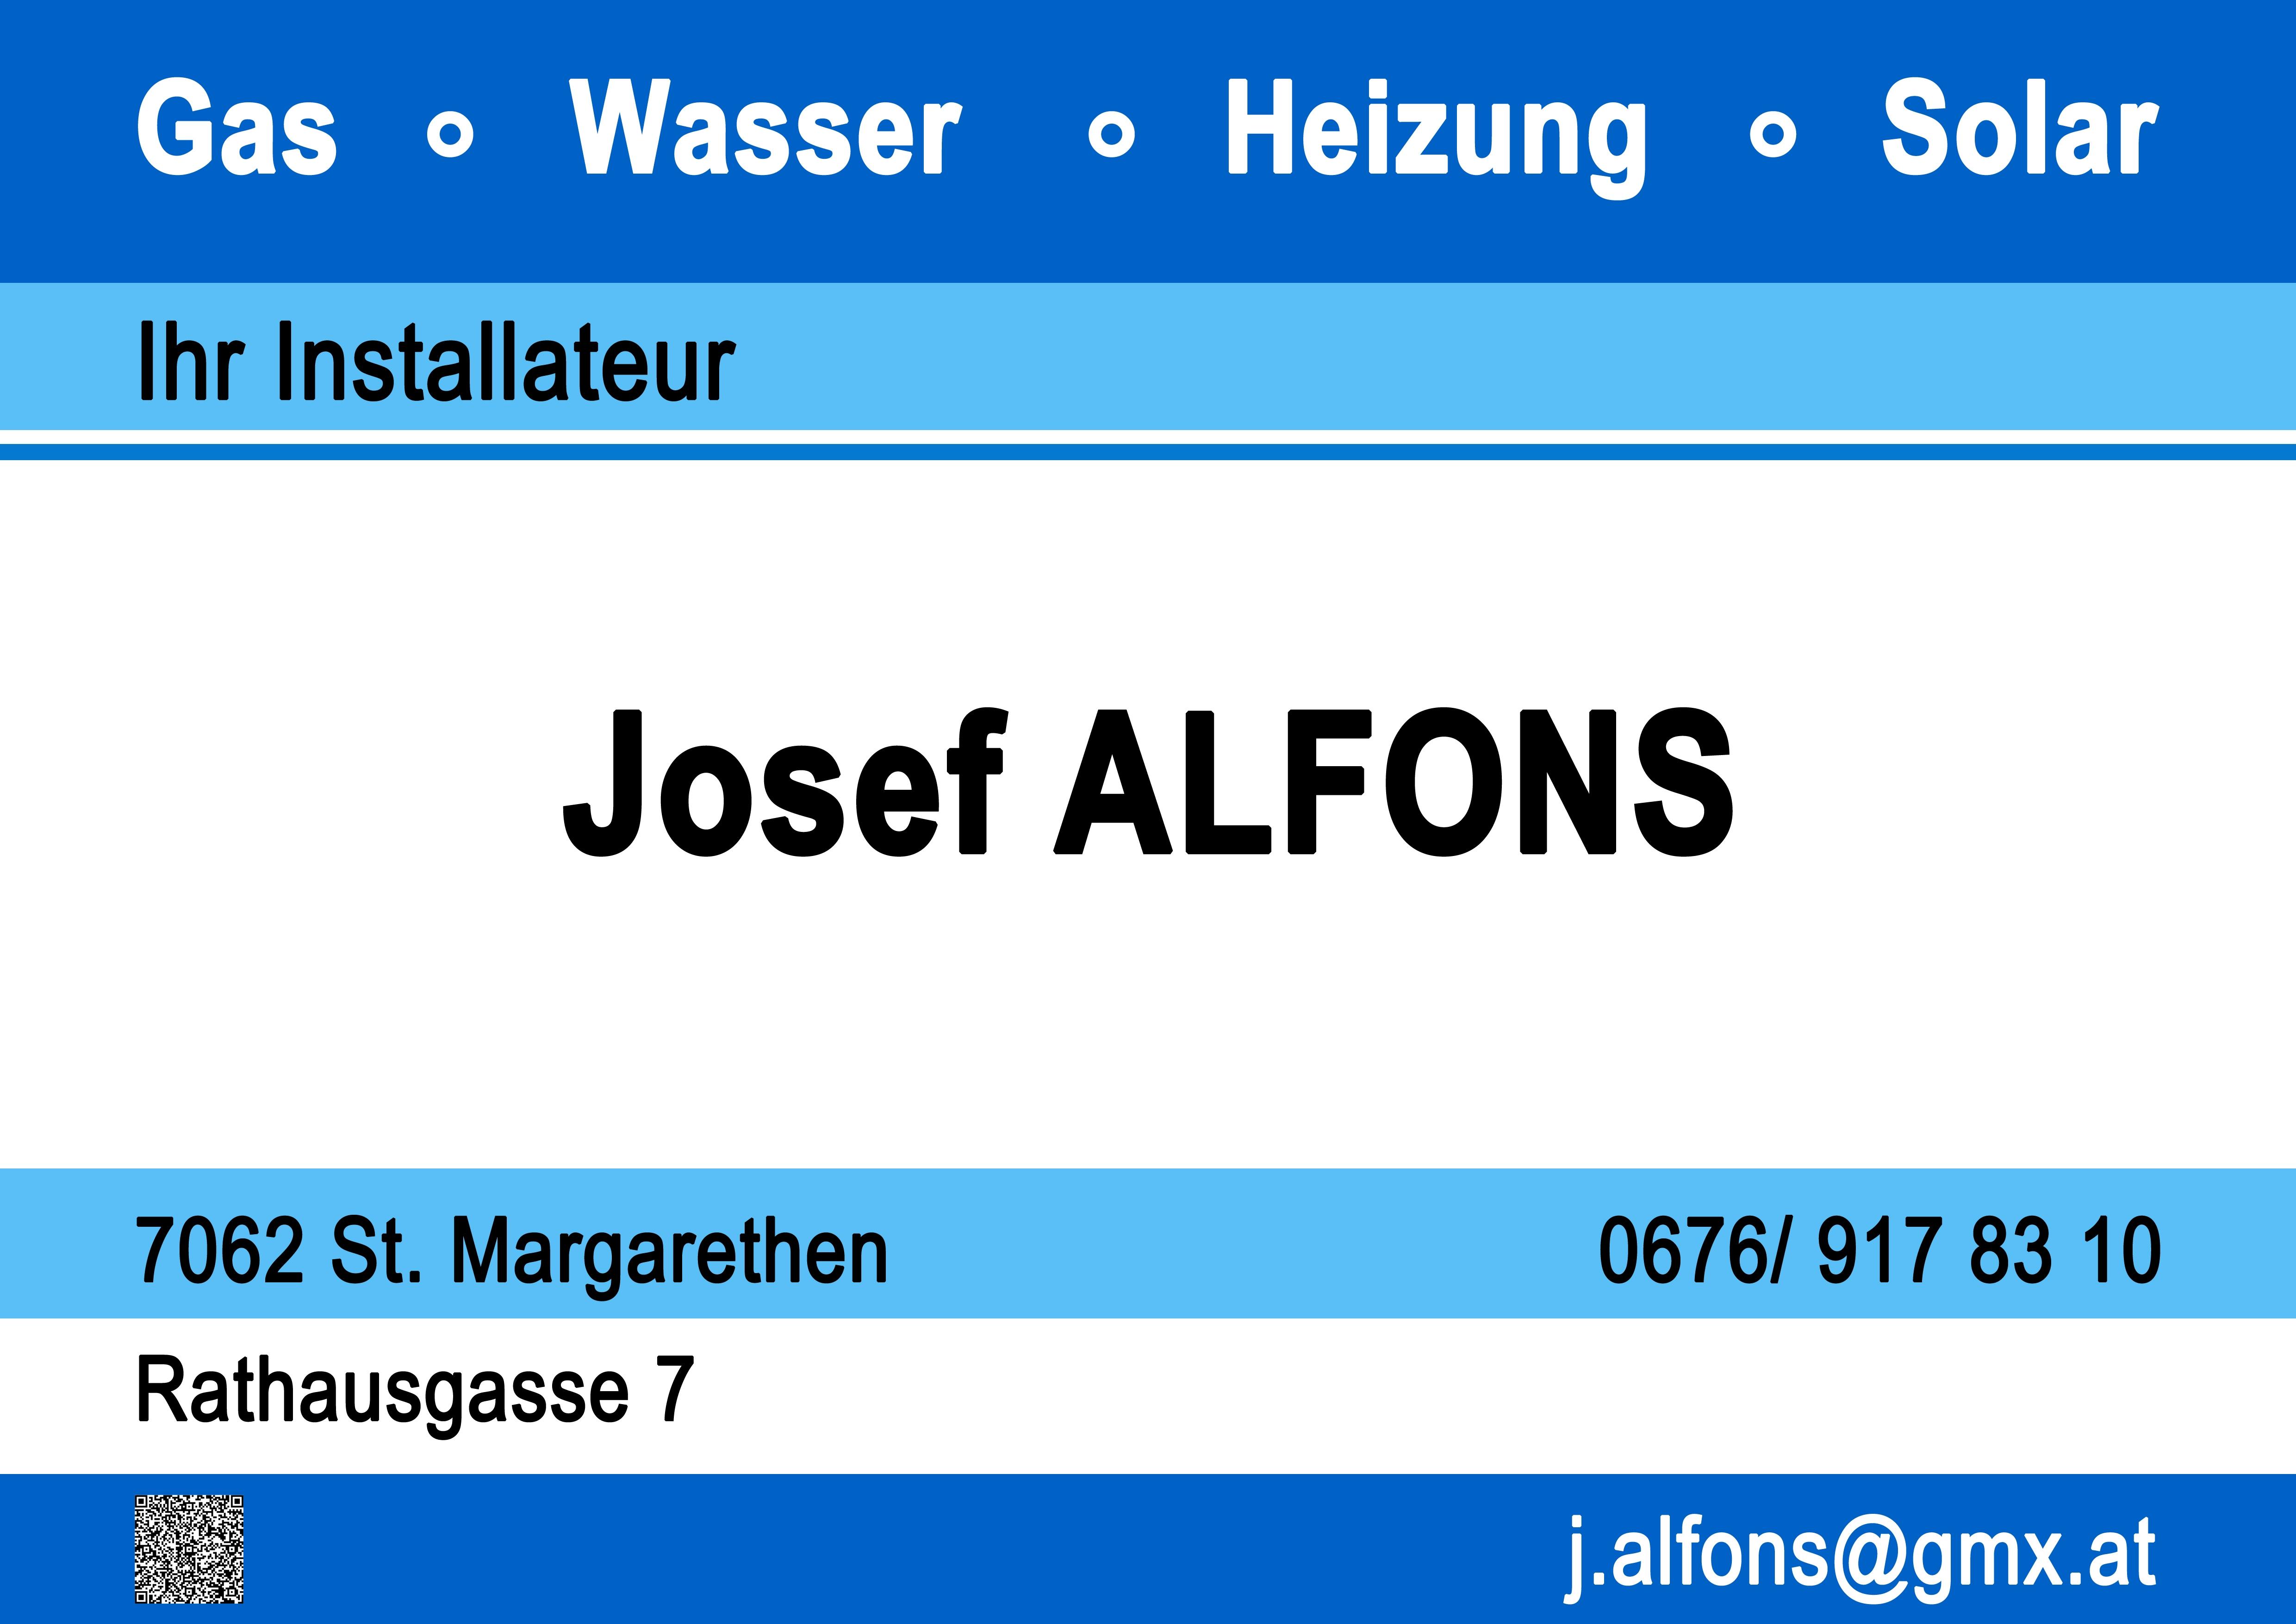 Josef Alfons e.U.